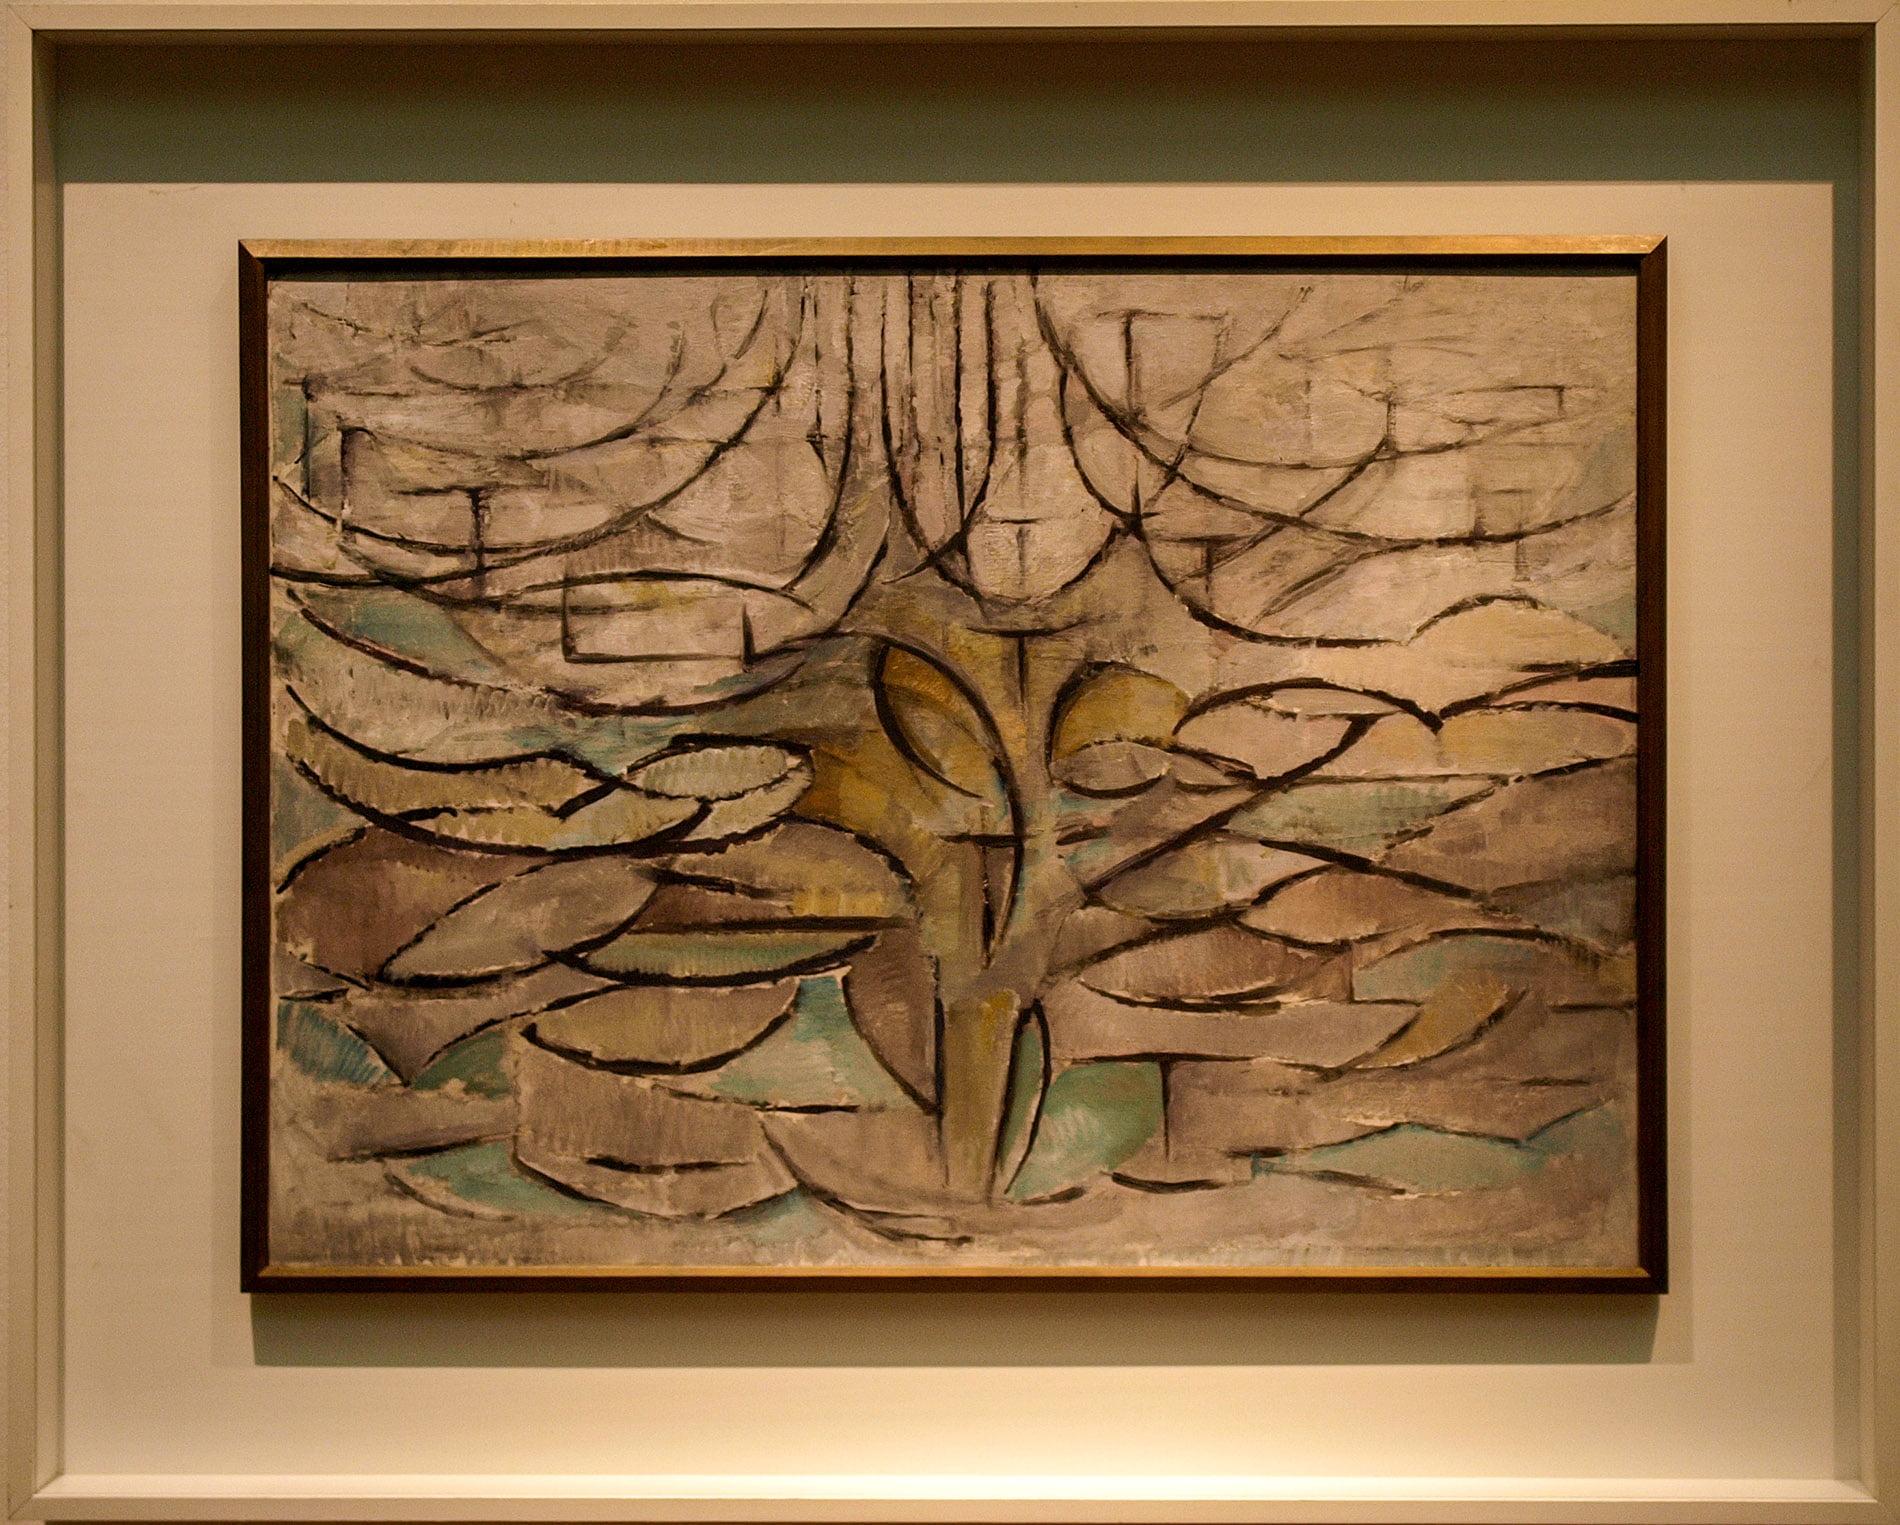 Kunstmuseum, Mondriaan